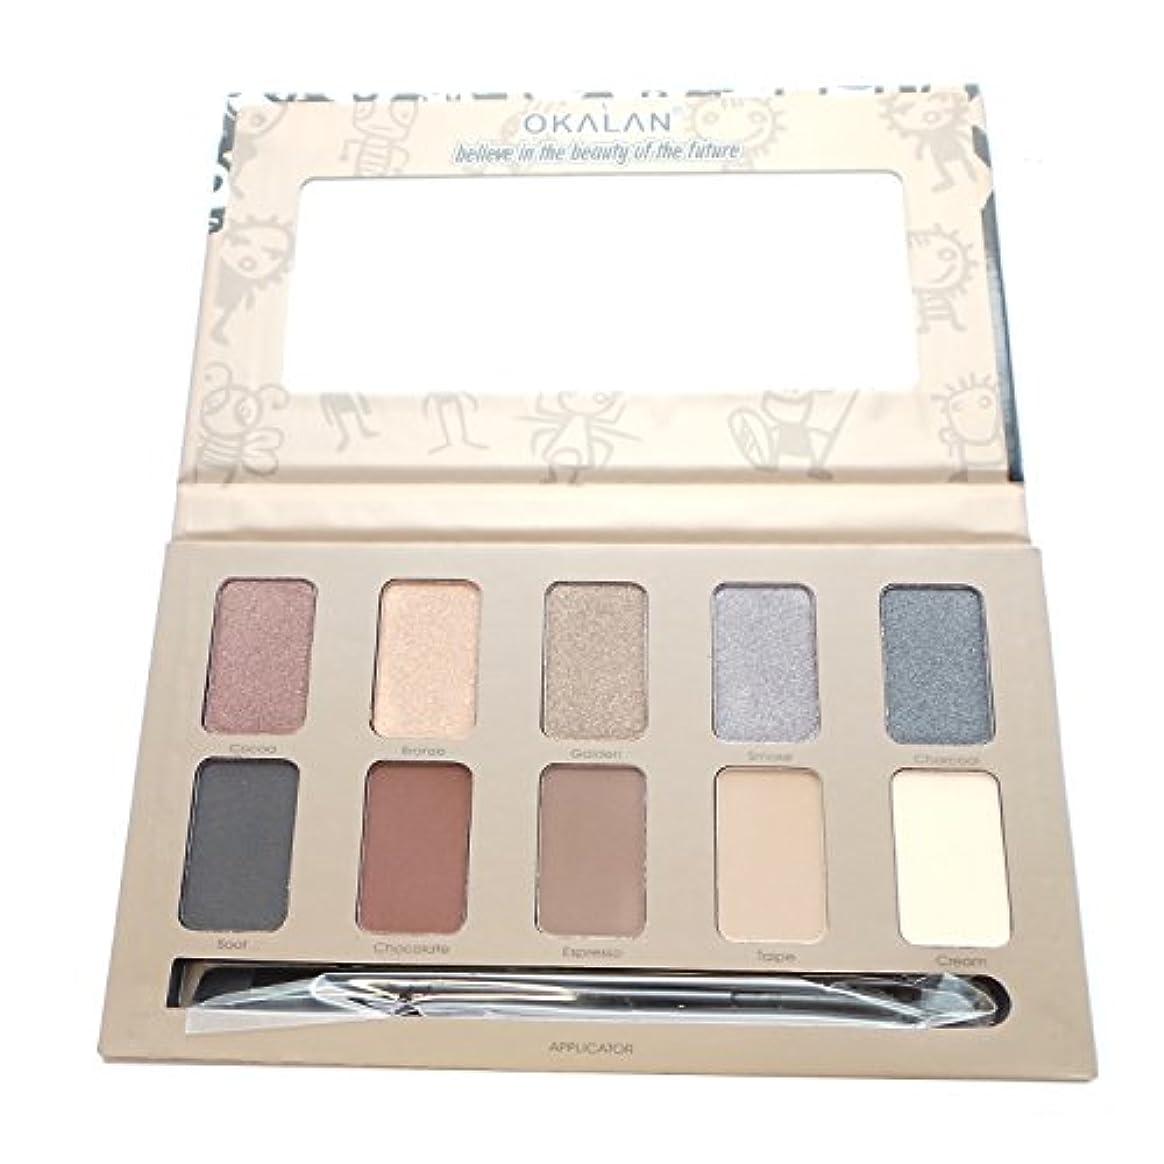 指紋博物館バリケードOKALAN 10 Shade Natural Eyeshadow Palette - A (並行輸入品)